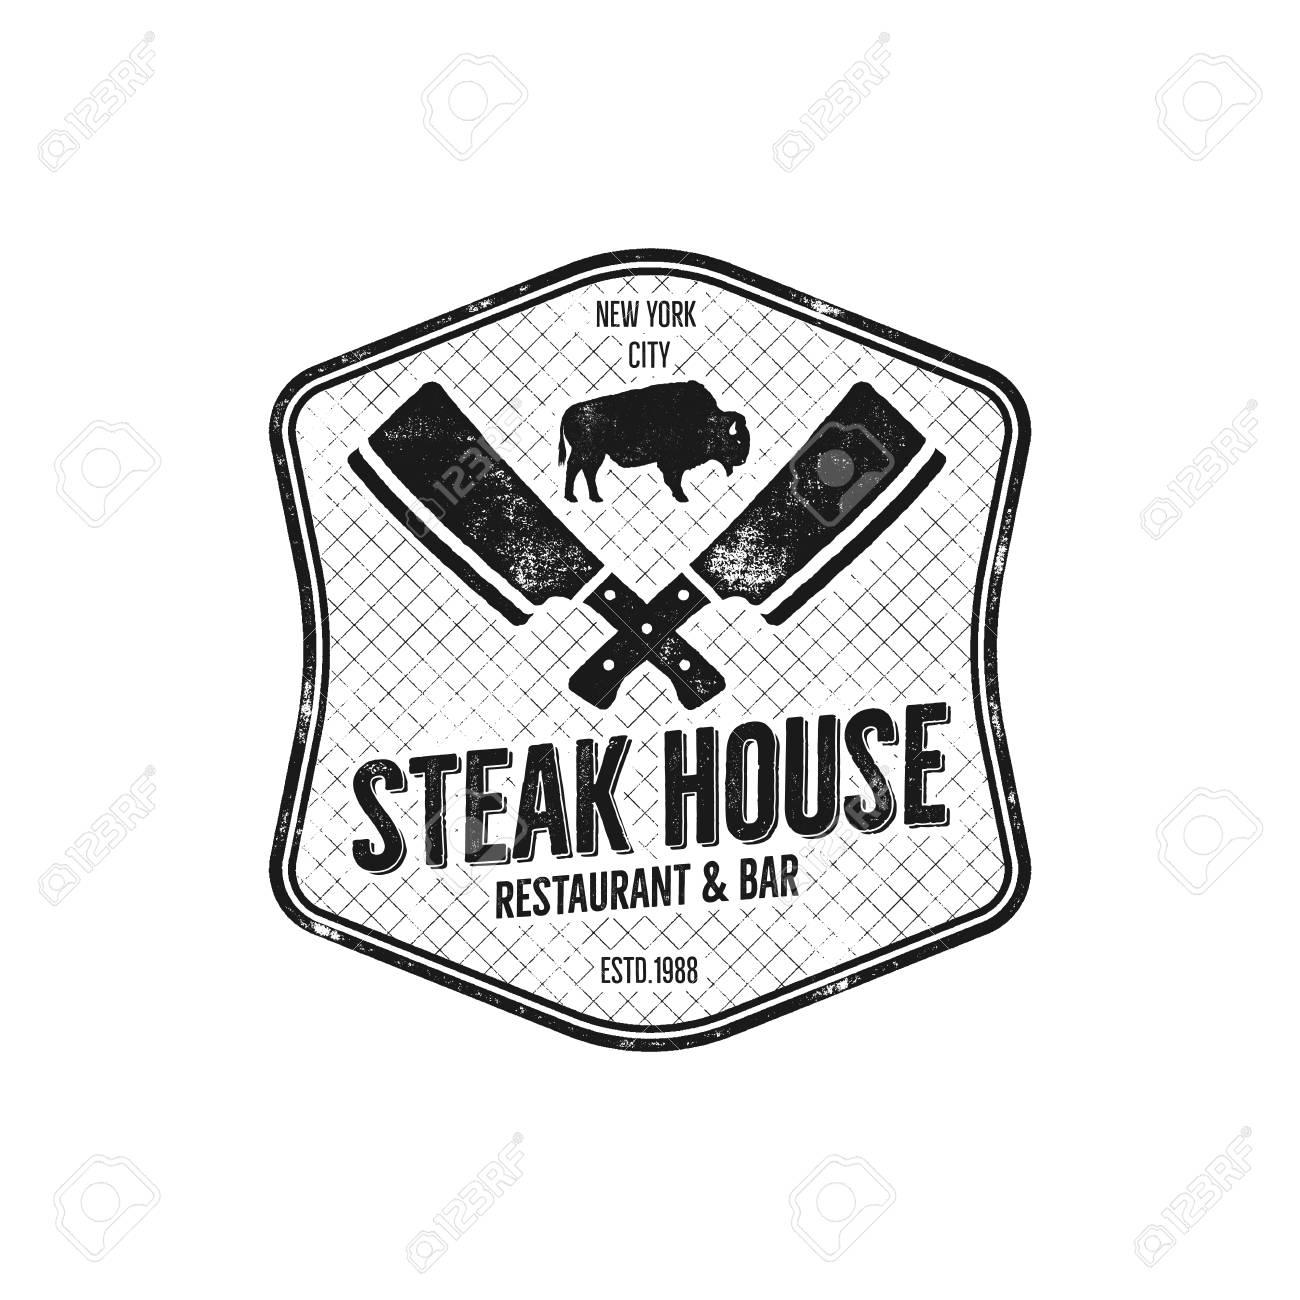 Steak House Vintage Label Typography Letterpress Design Vector